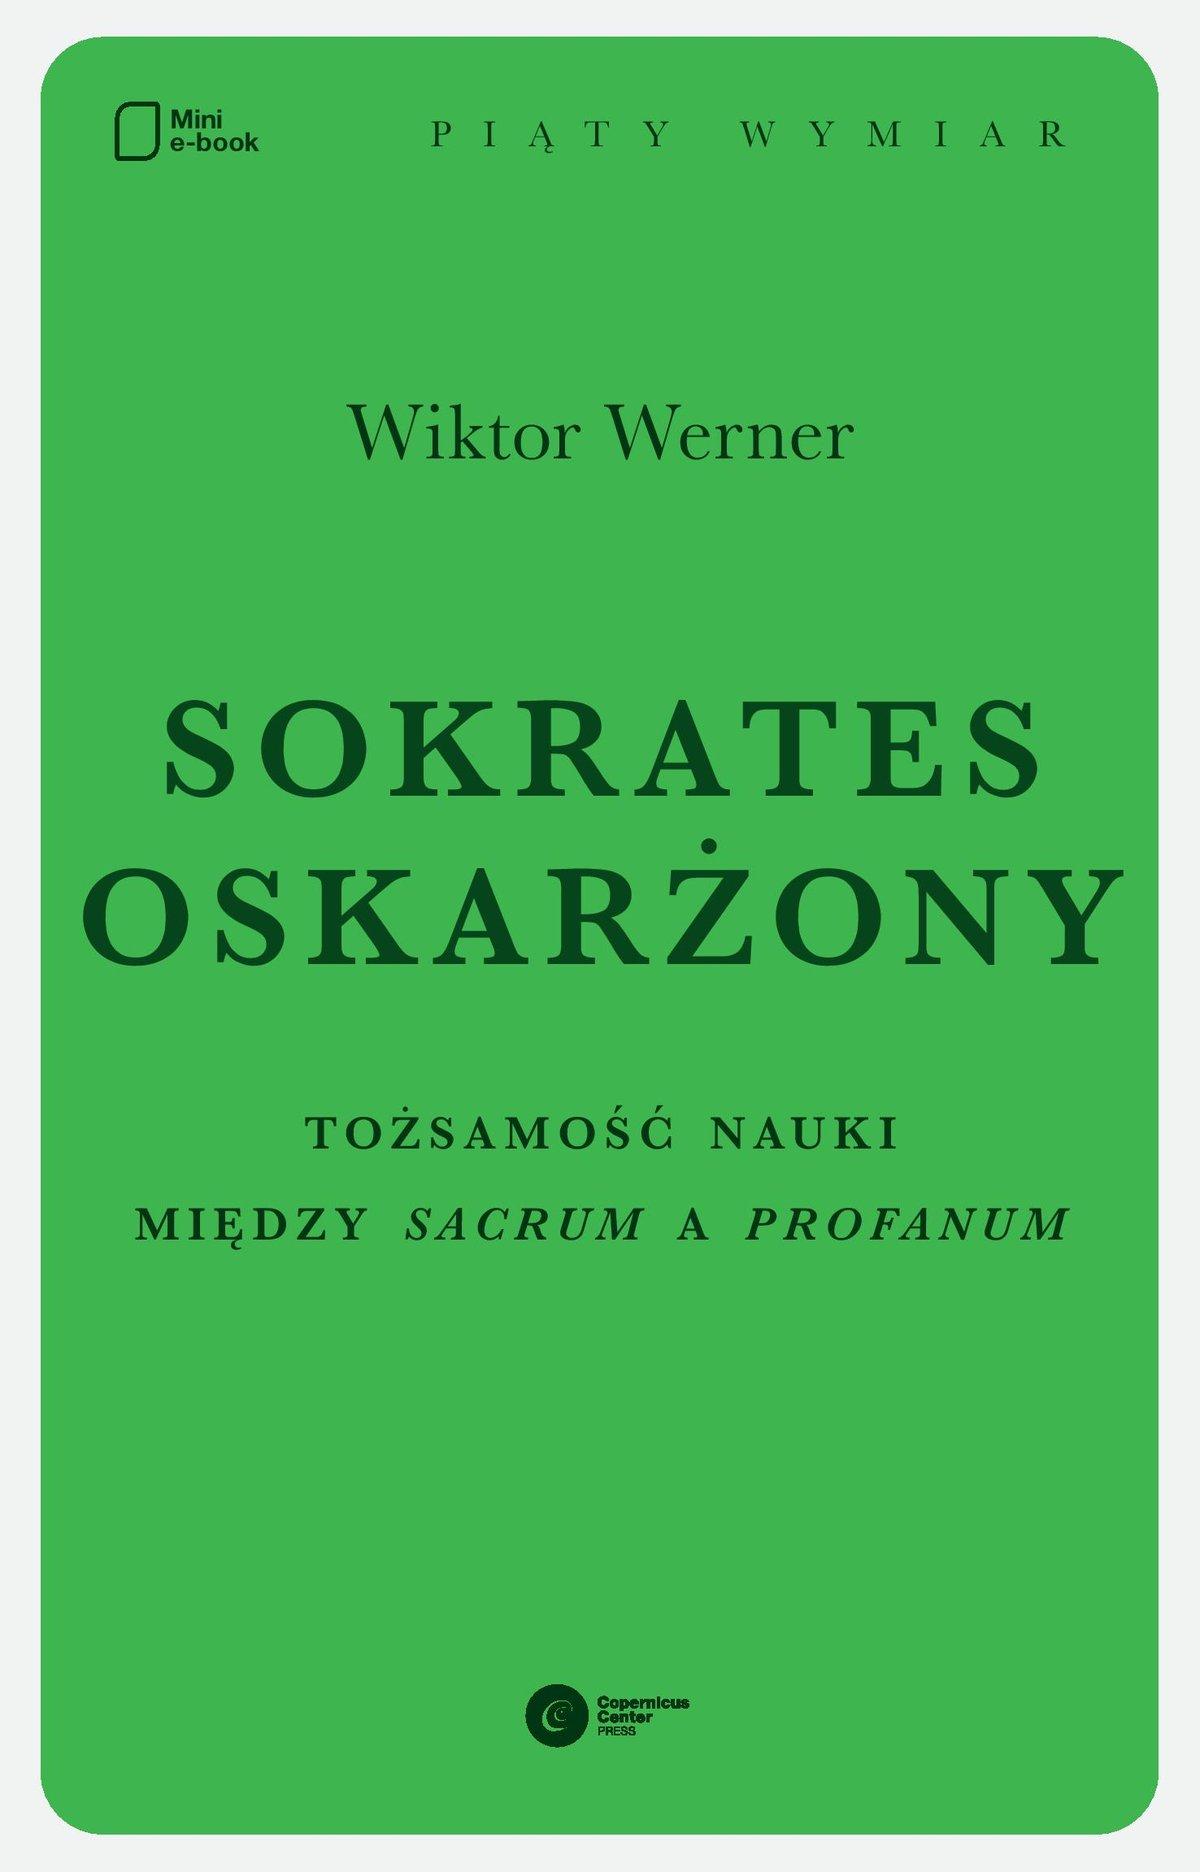 Sokrates oskarżony - Ebook (Książka na Kindle) do pobrania w formacie MOBI